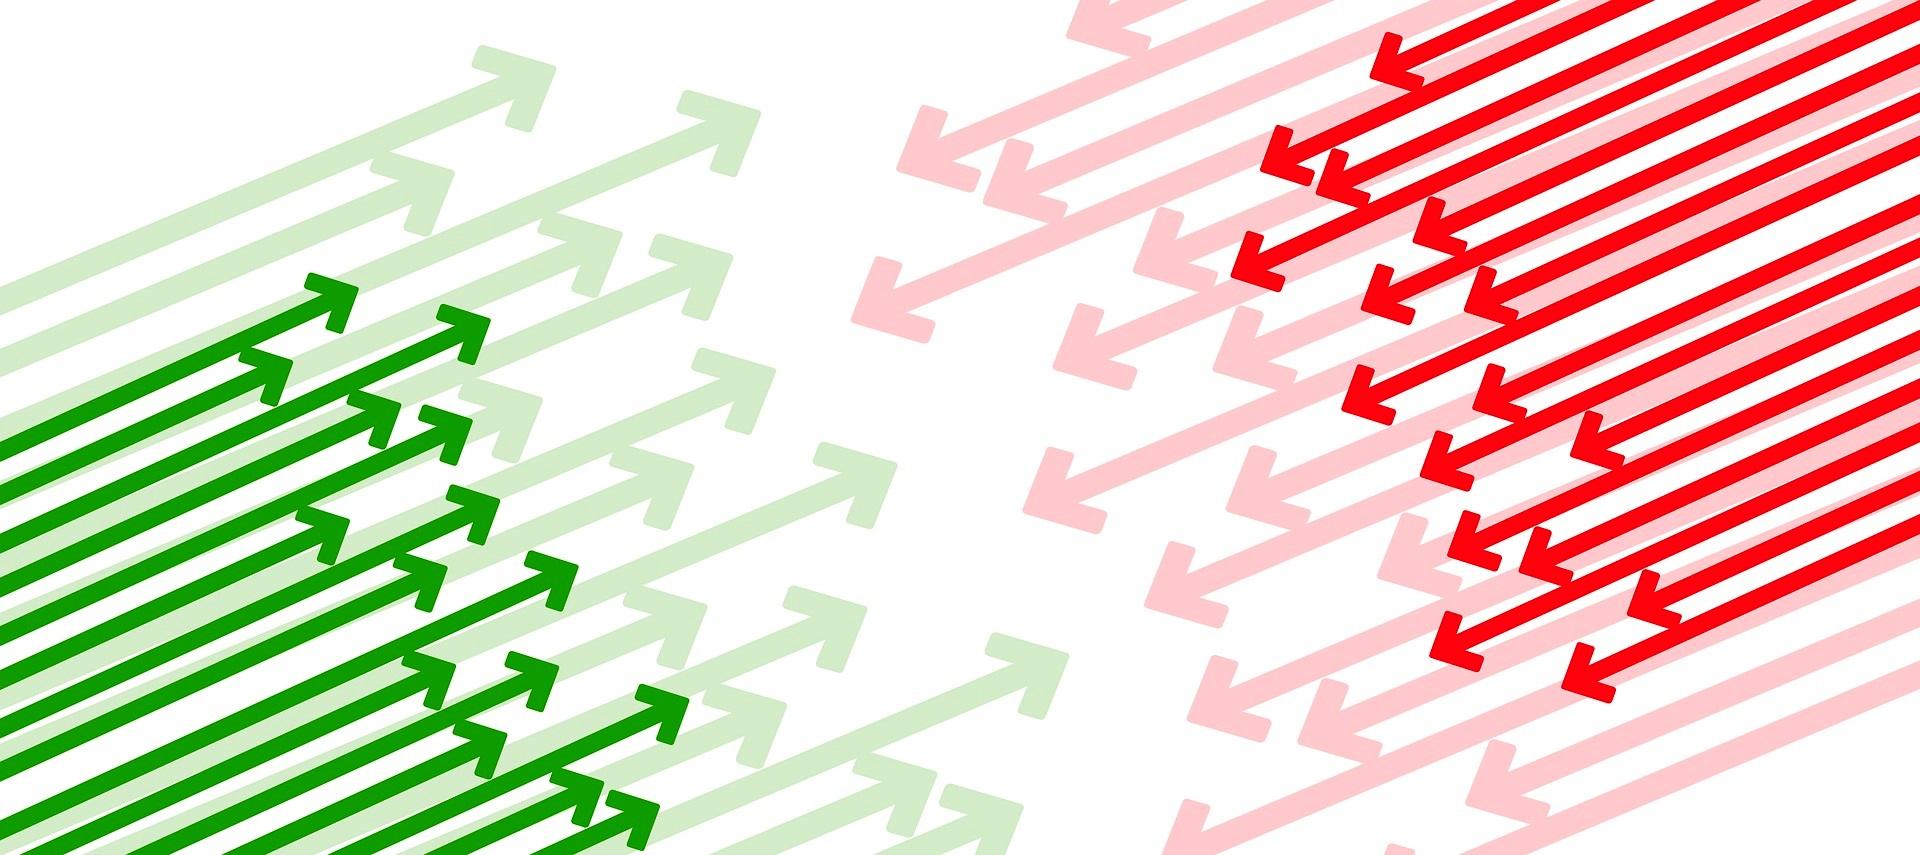 adsorptionstrocknung-sorptionsprinzip-trocknung-bautrocknung-duregger-bautrockner-mieten-muenchen-vermietung-trockenschraenke-entfeuchtung-vorteil